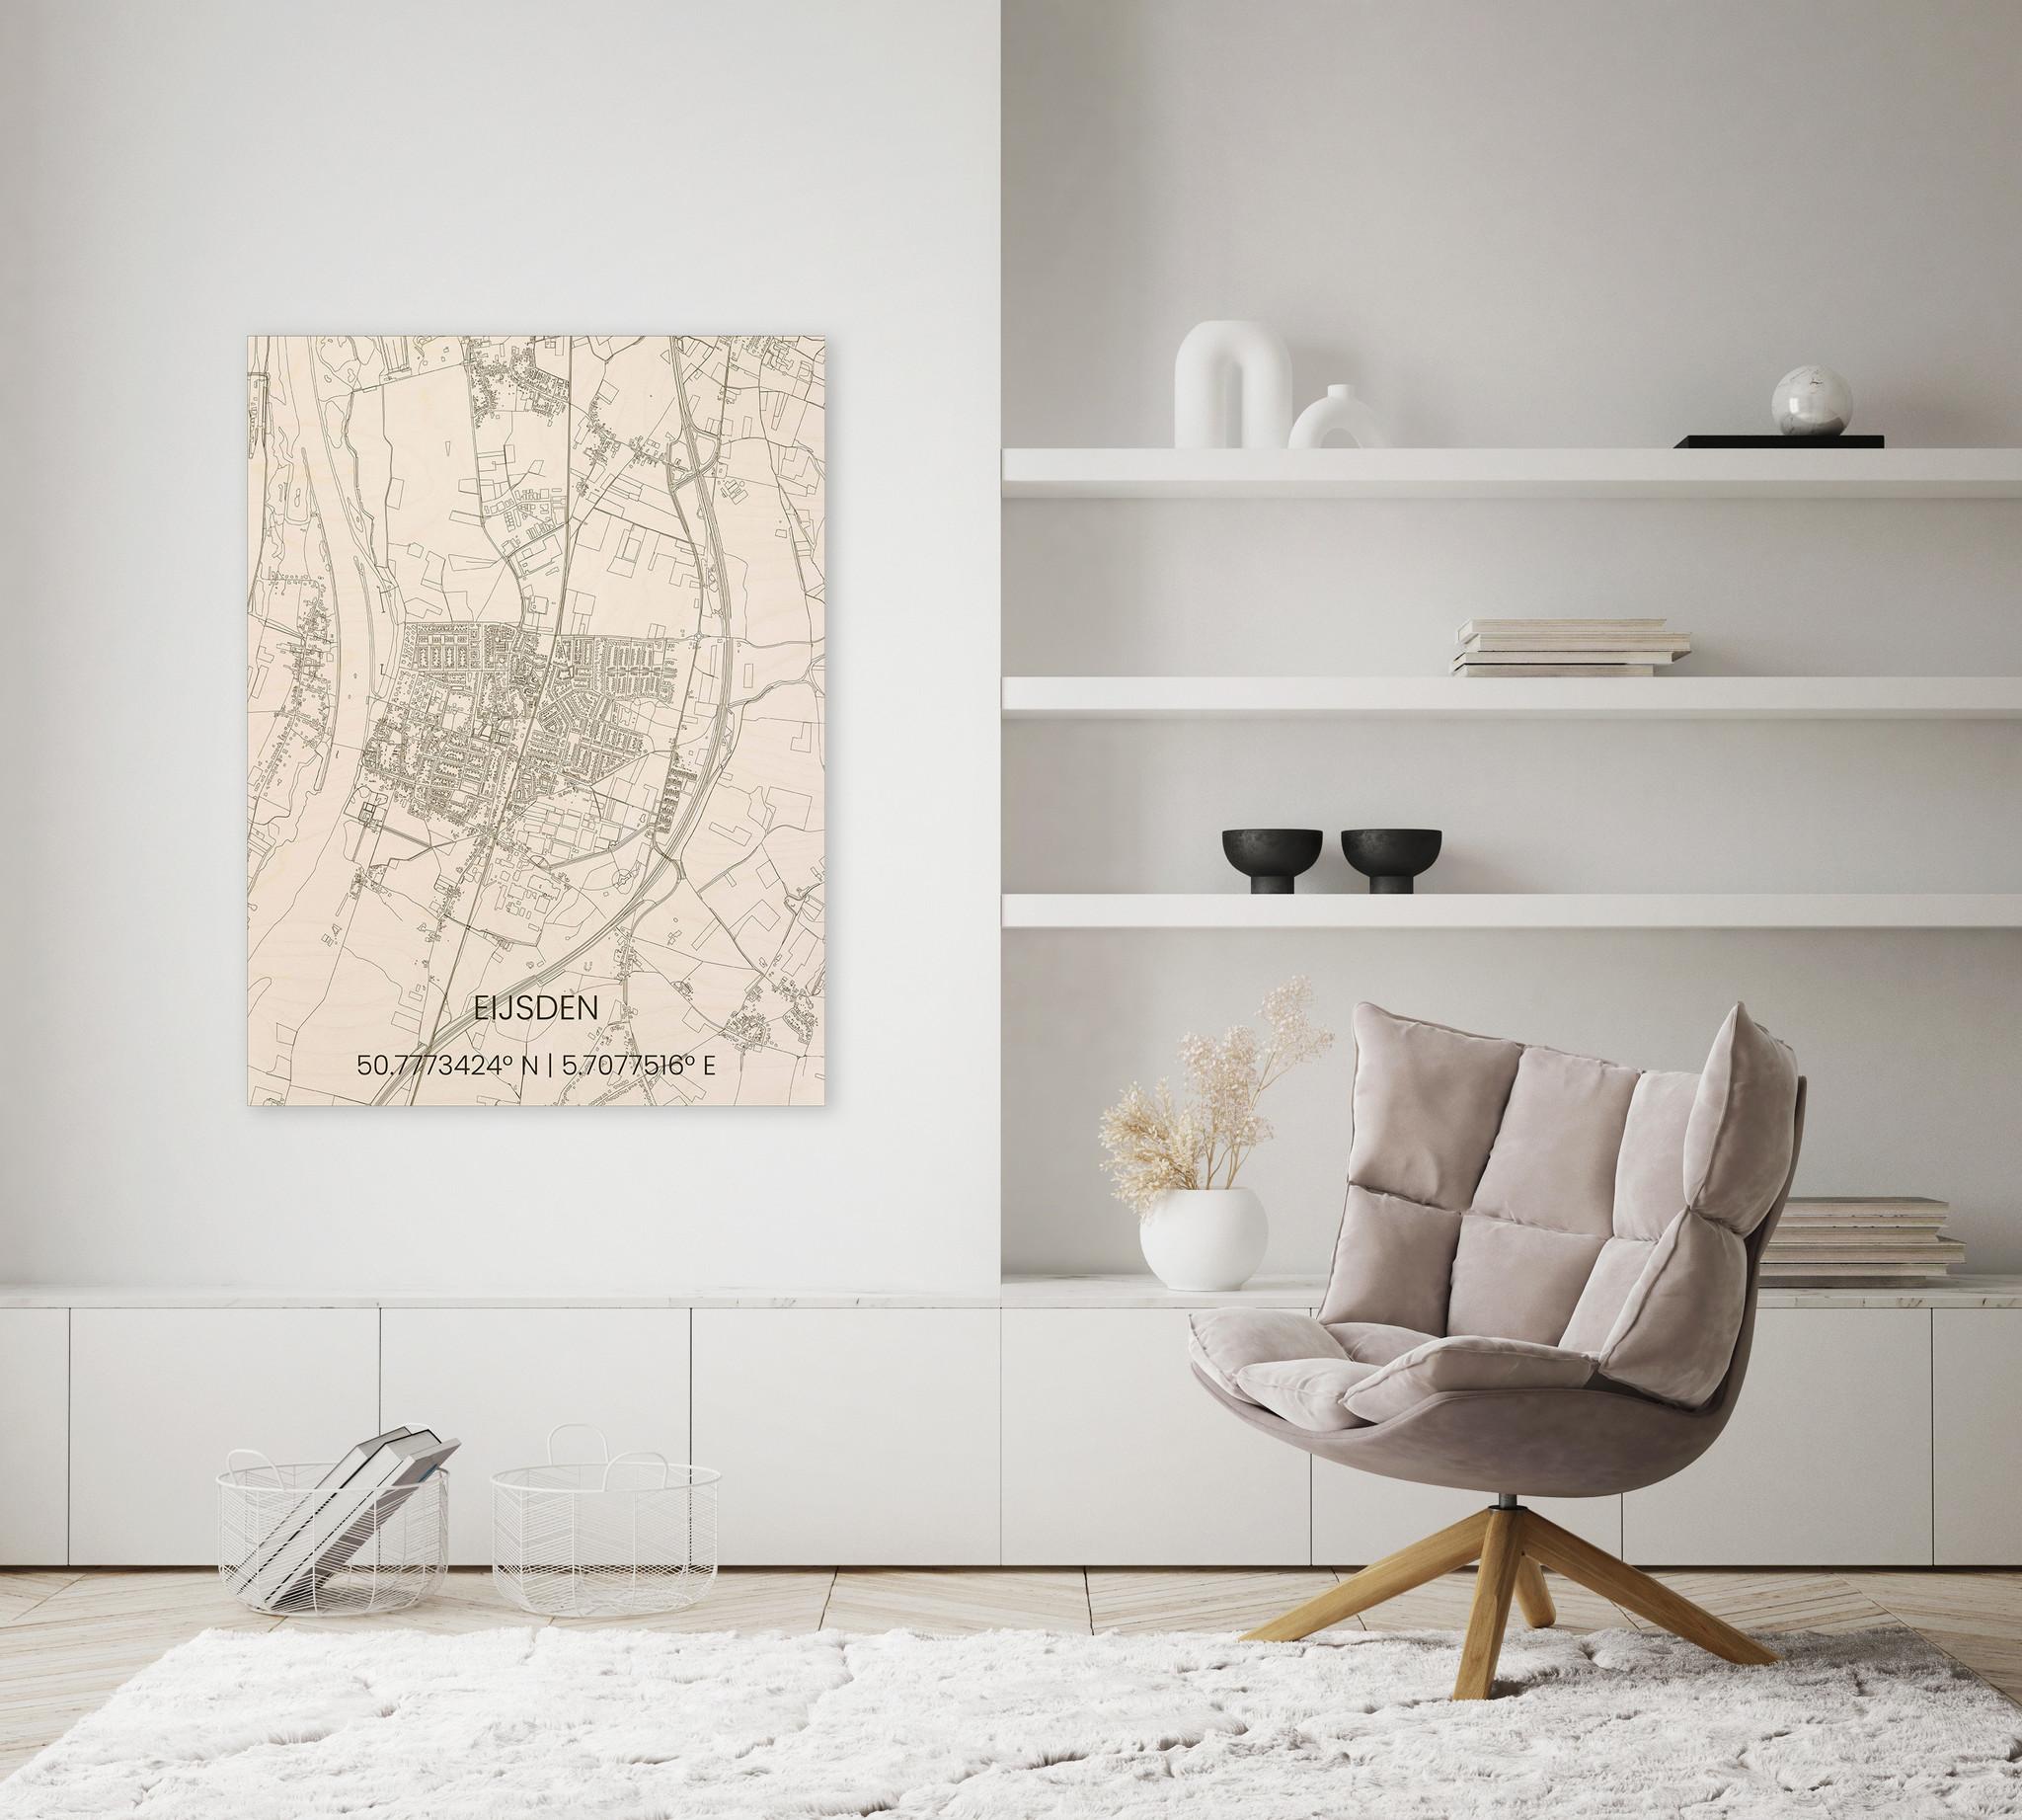 Houten stadsplattegrond Eijsden-2